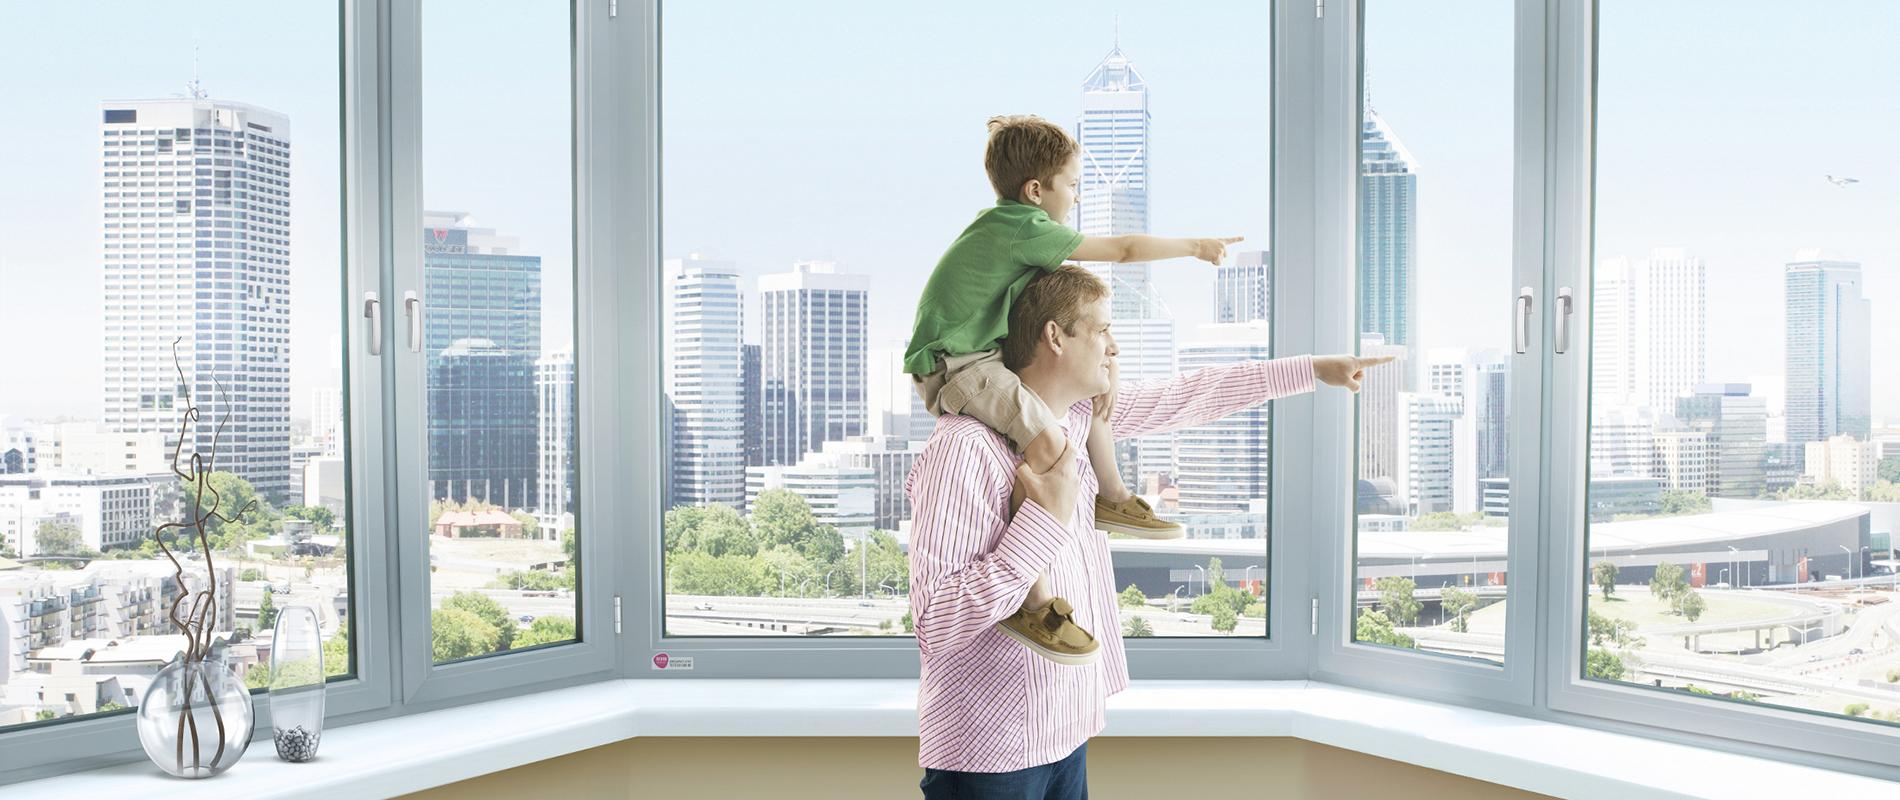 Входит ли балкон в жилую, общую, отапливаемую площадь кварти.